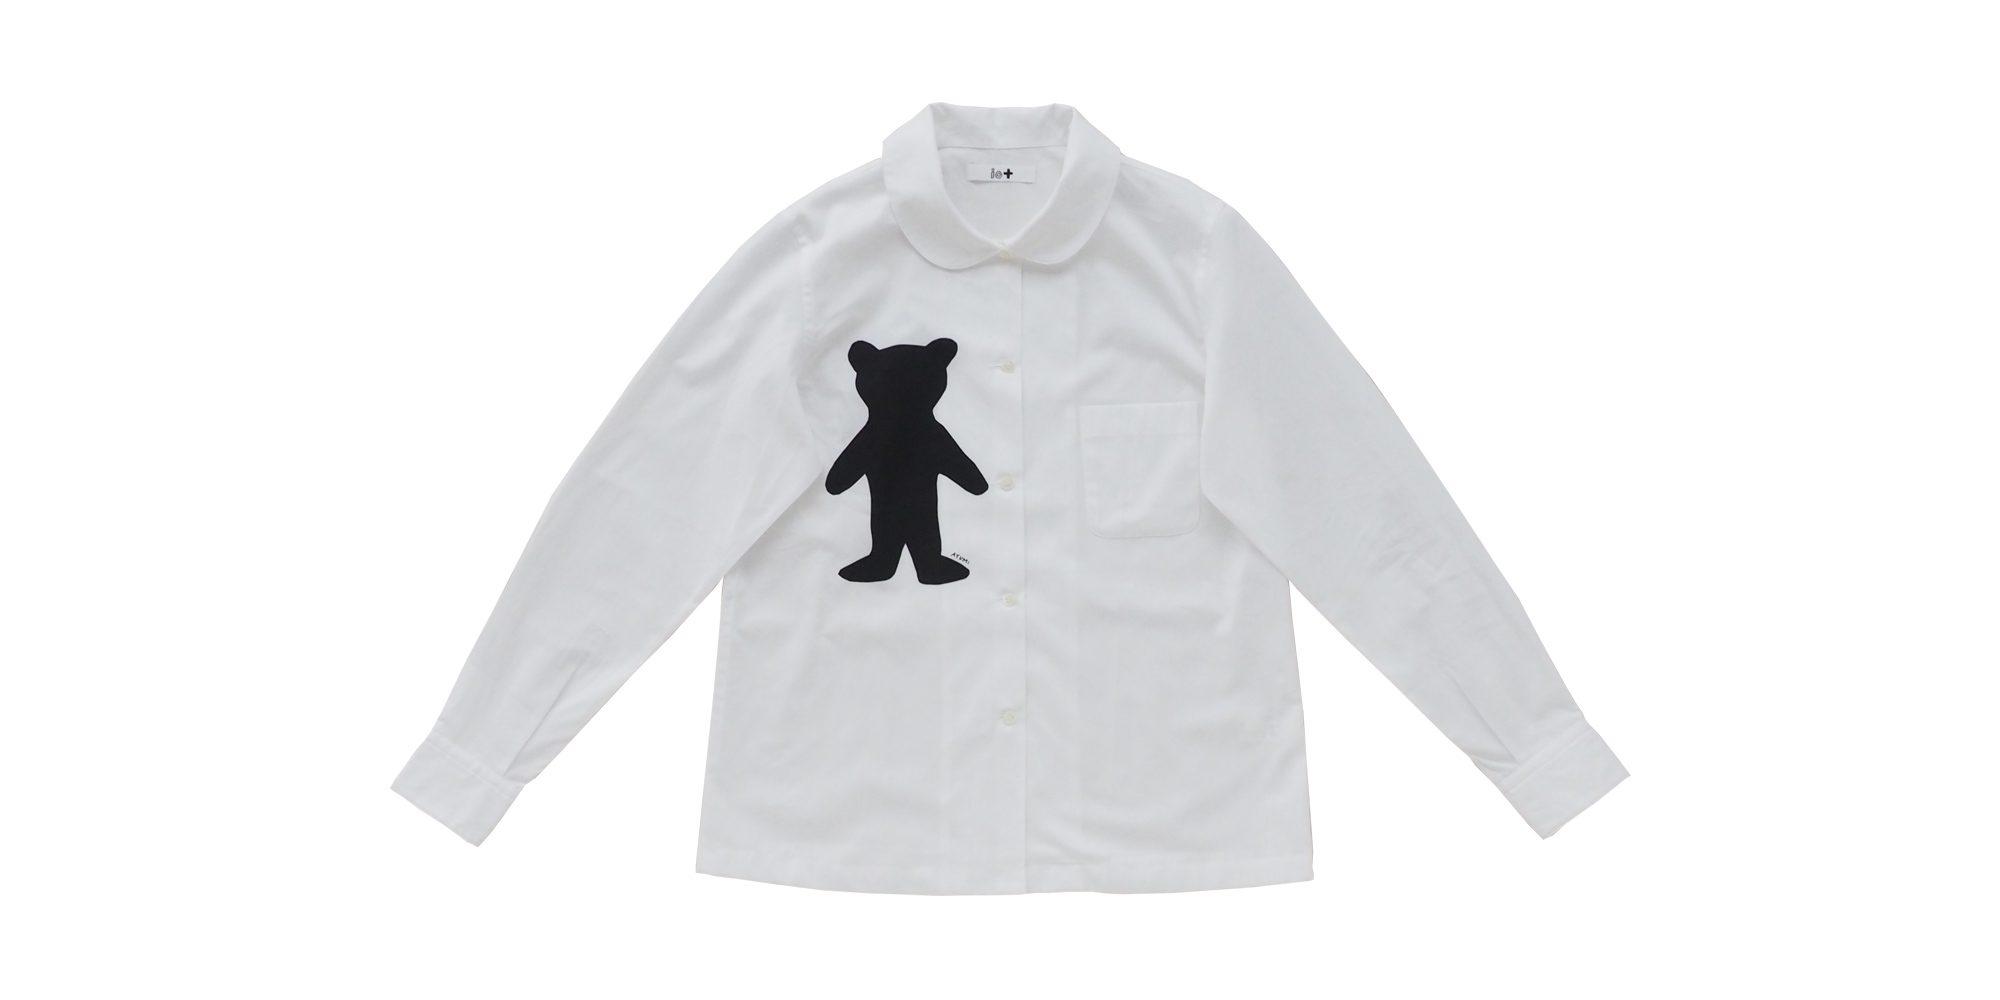 io+丸襟プリントシャツ(くま)